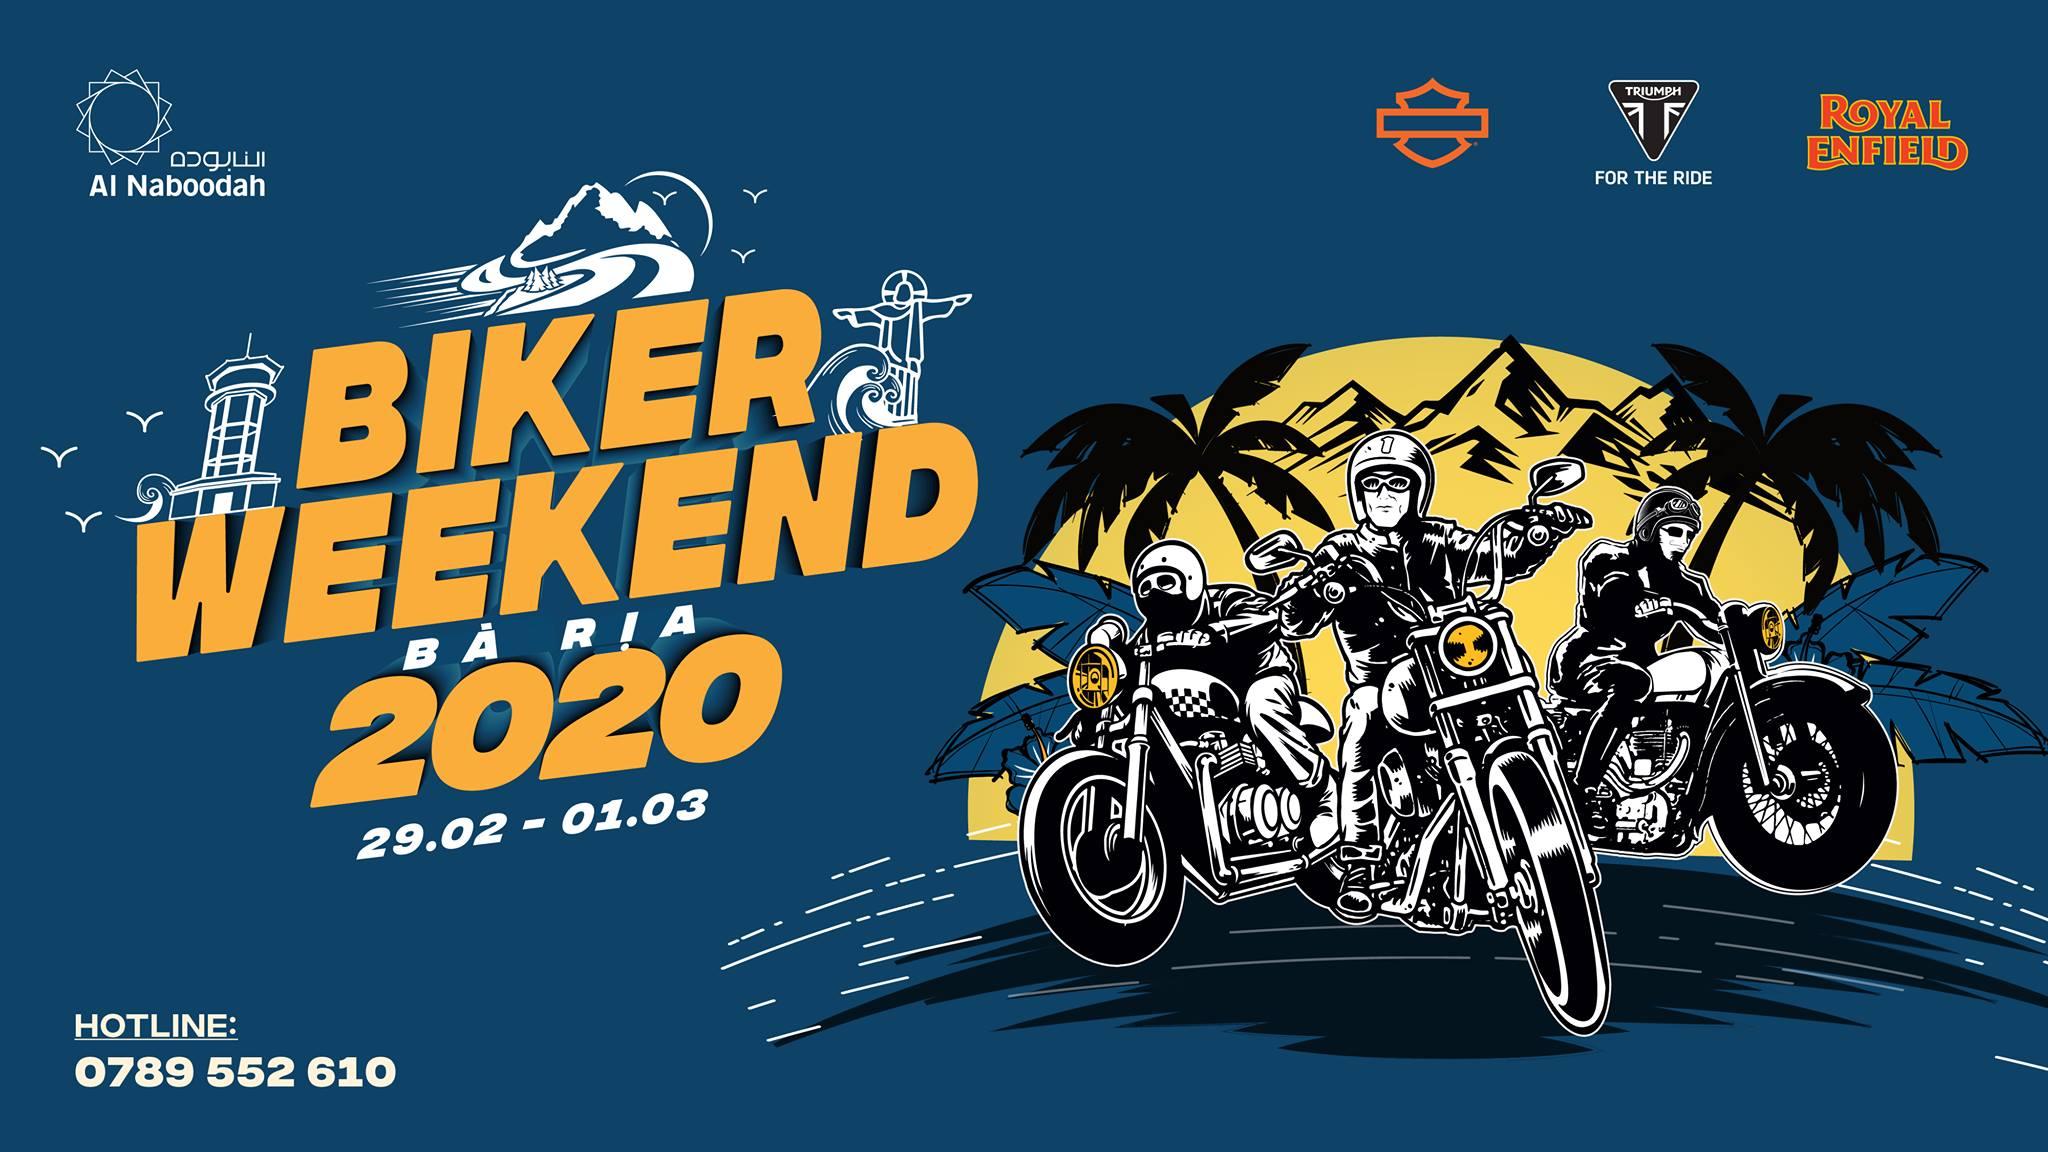 BÀ RỊA BIKER WEEKEND 2020 - Ngày hội mô tô đầu năm với nhiều hoạt động thú vị